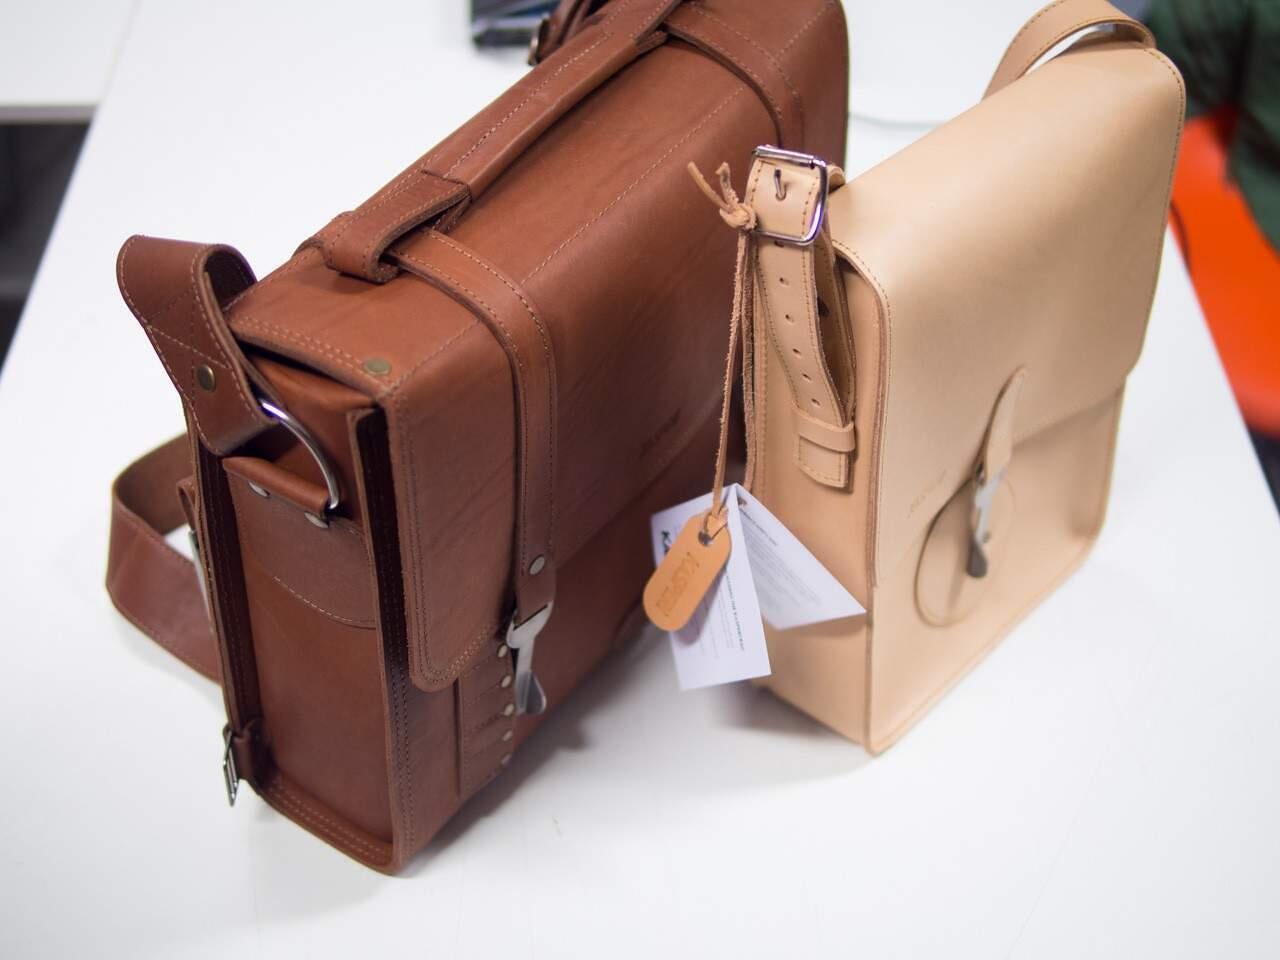 Kasperi-bags-4